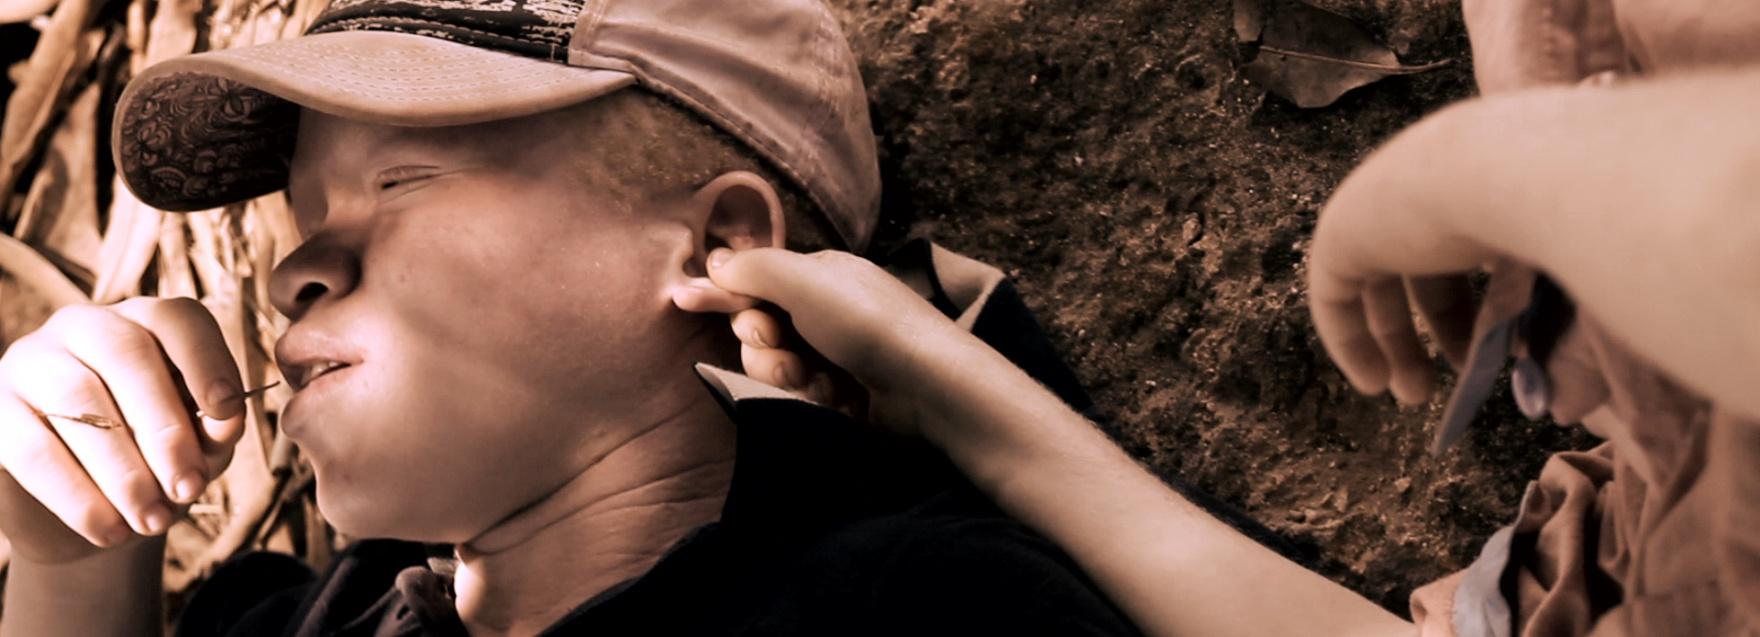 randki w dar es salaam spotyka się z byłą dziewczyną z bractwa